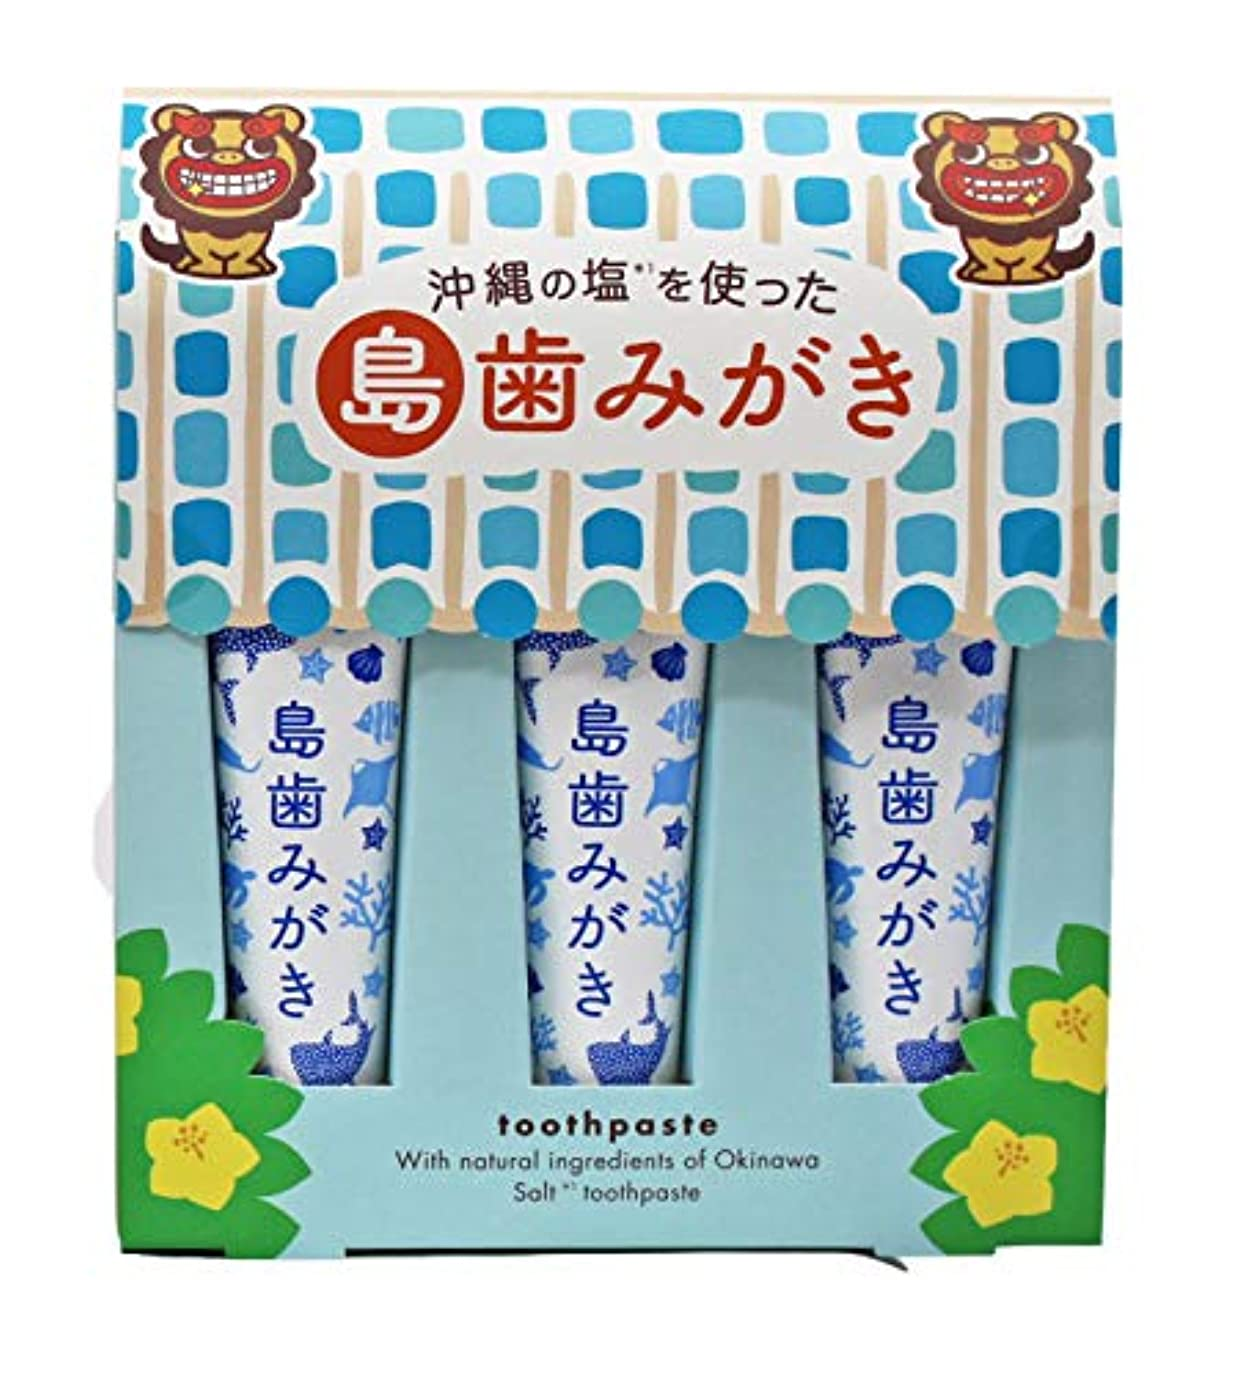 カスケード呼び出す学士沖縄の塩を使った島歯みがき (藍色) 15g×3本入り